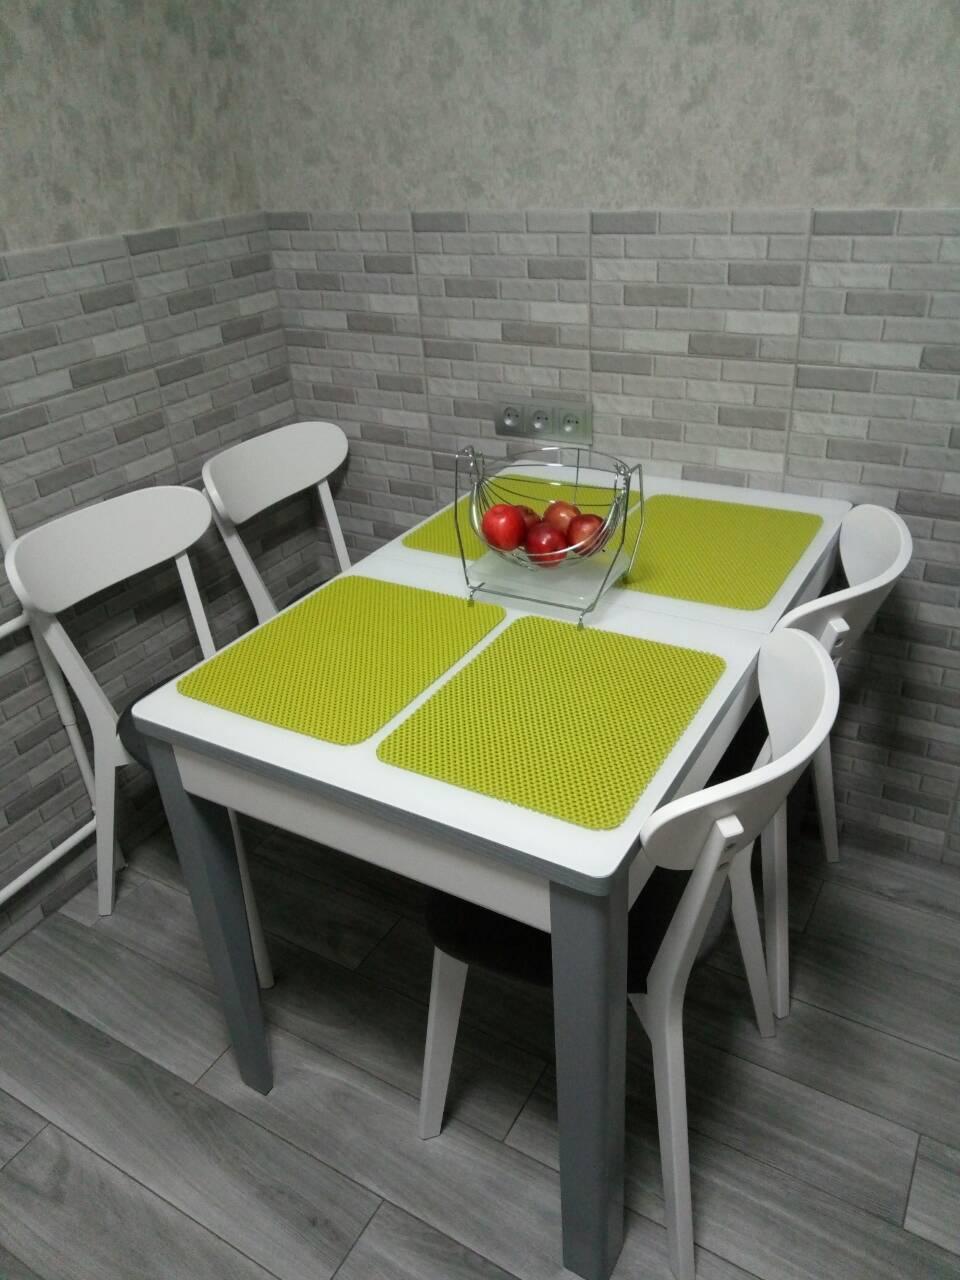 Купити стіл зі стільцямиможна у нас!